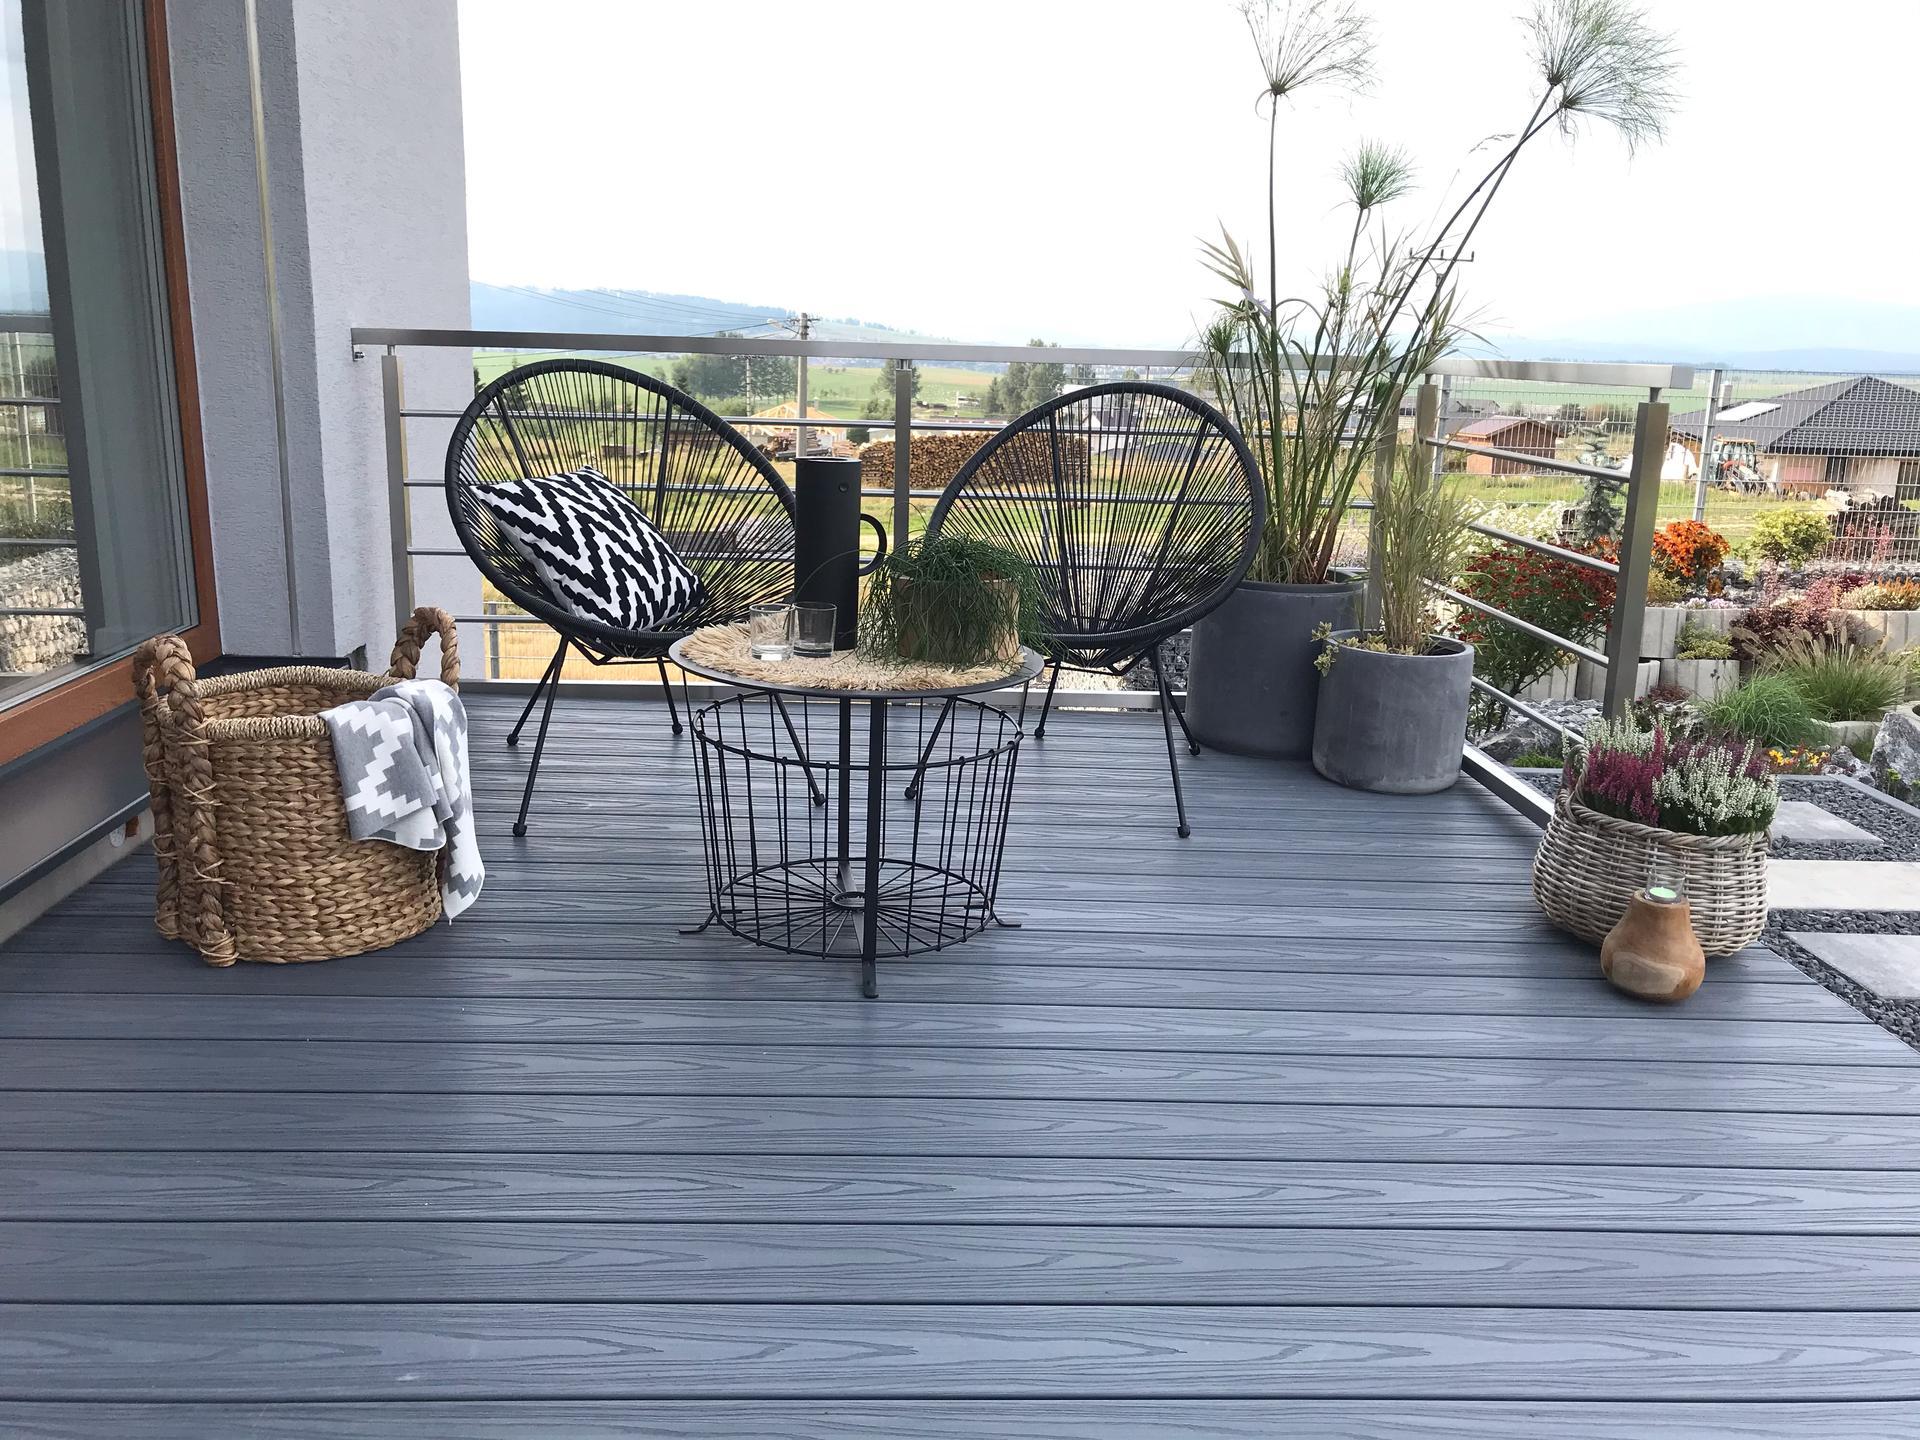 Začiatok 3. roku bývania vo vytúženom domčeku - Trošku dekorácii a hneď vyzerá terasa ináč, som šťastná, že ju máme🙏😉